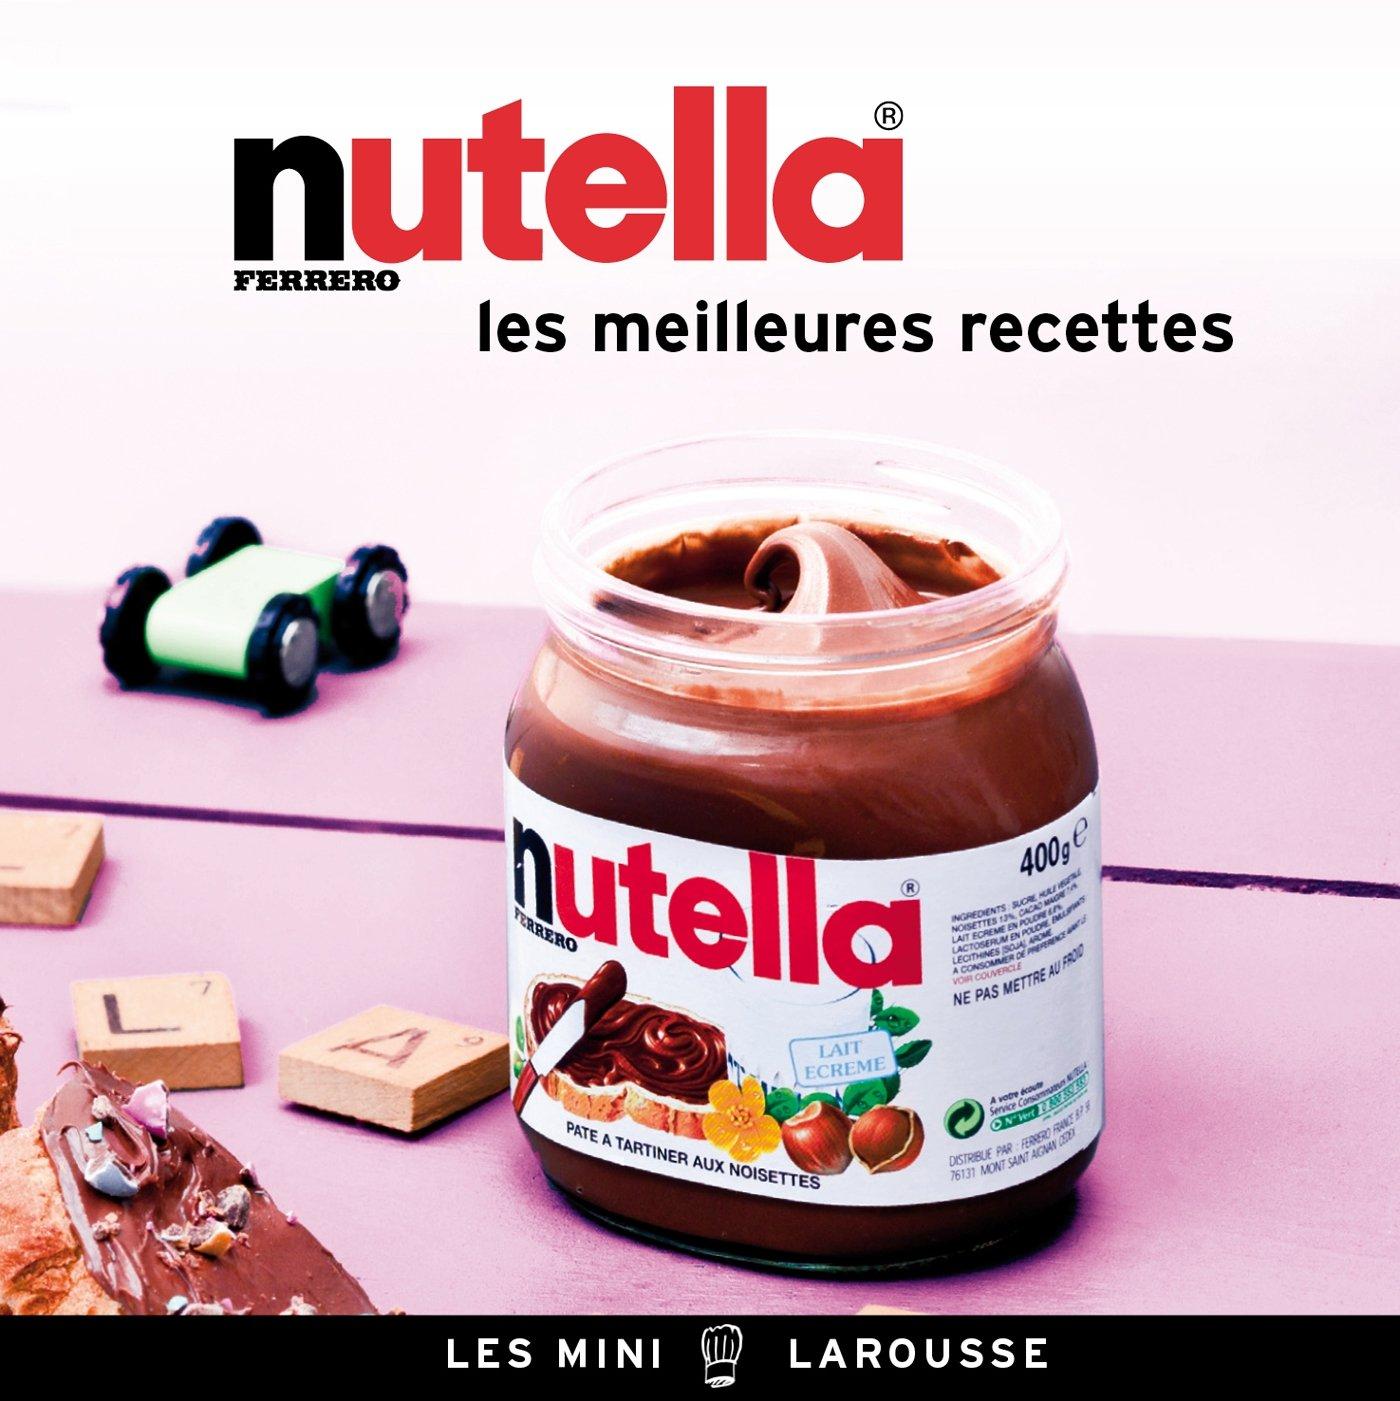 Nutella – les meilleures recettes